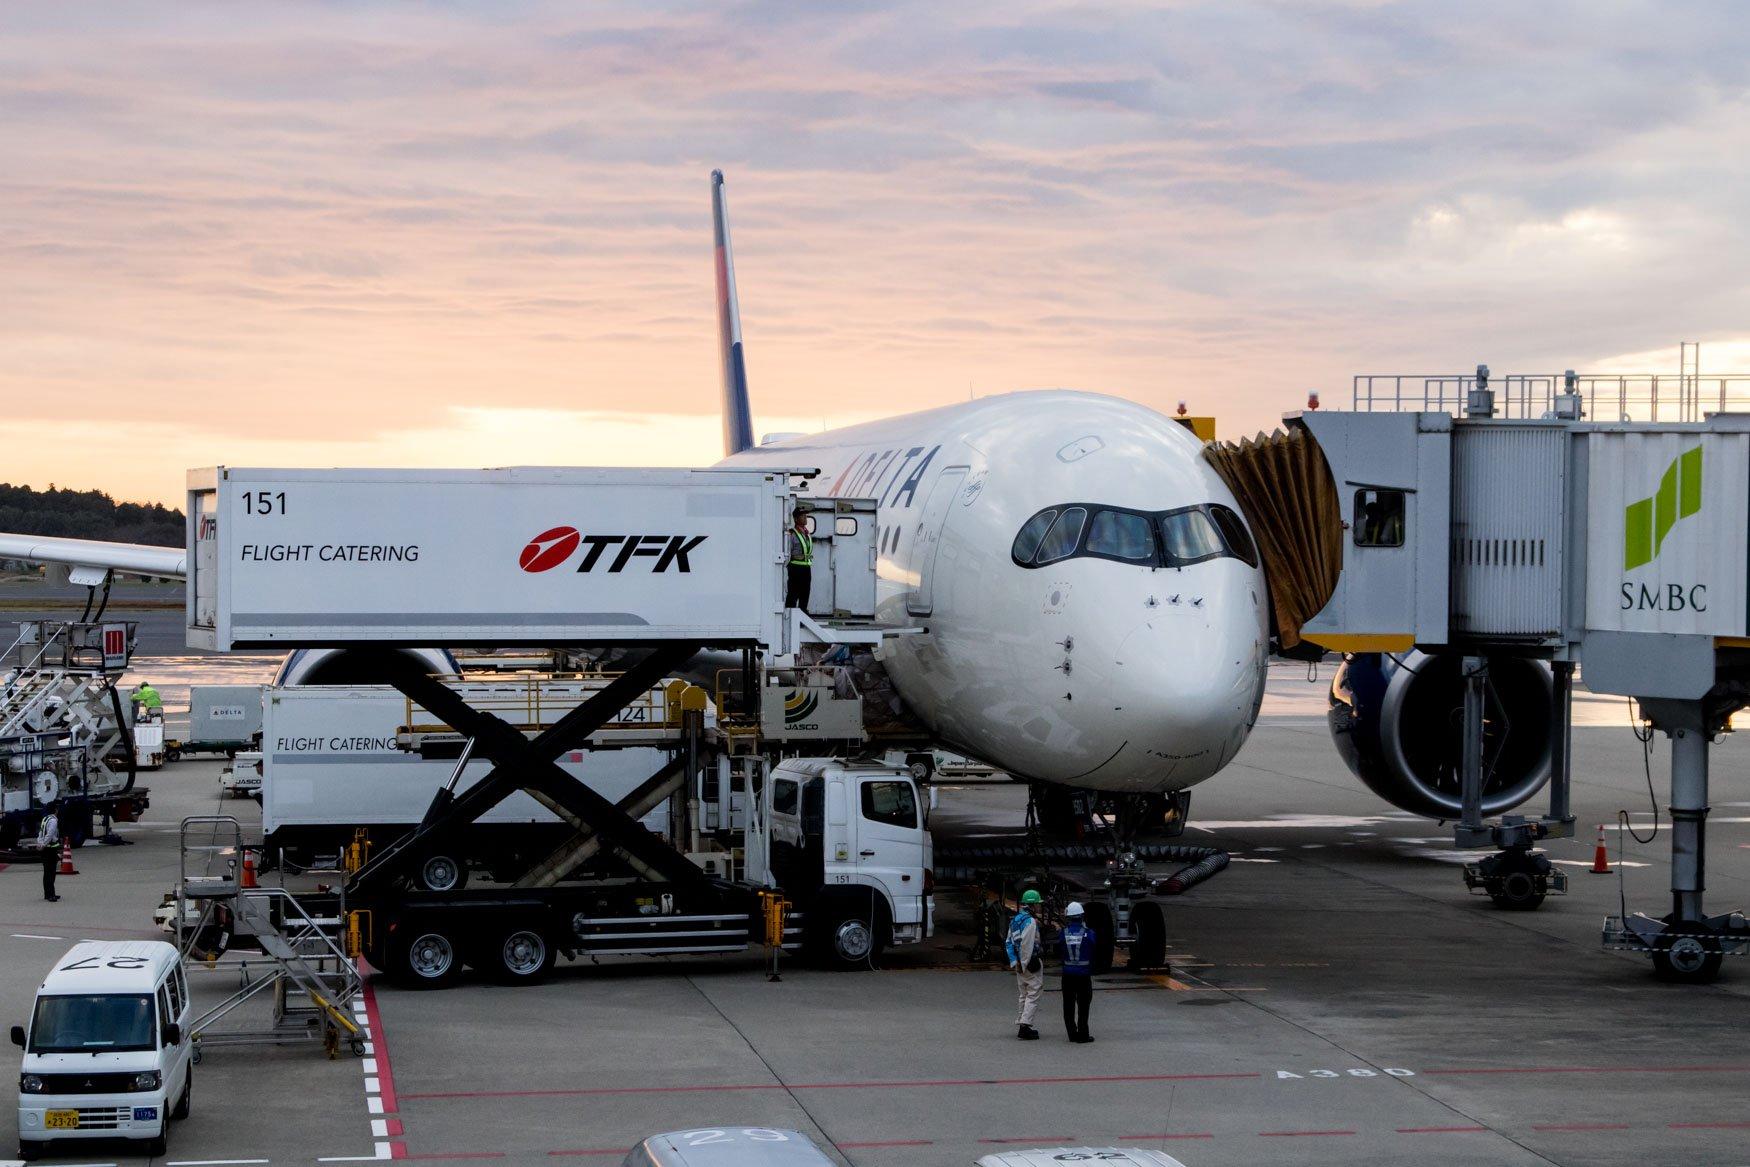 Delta Air Lines A350 at Gate at Narita